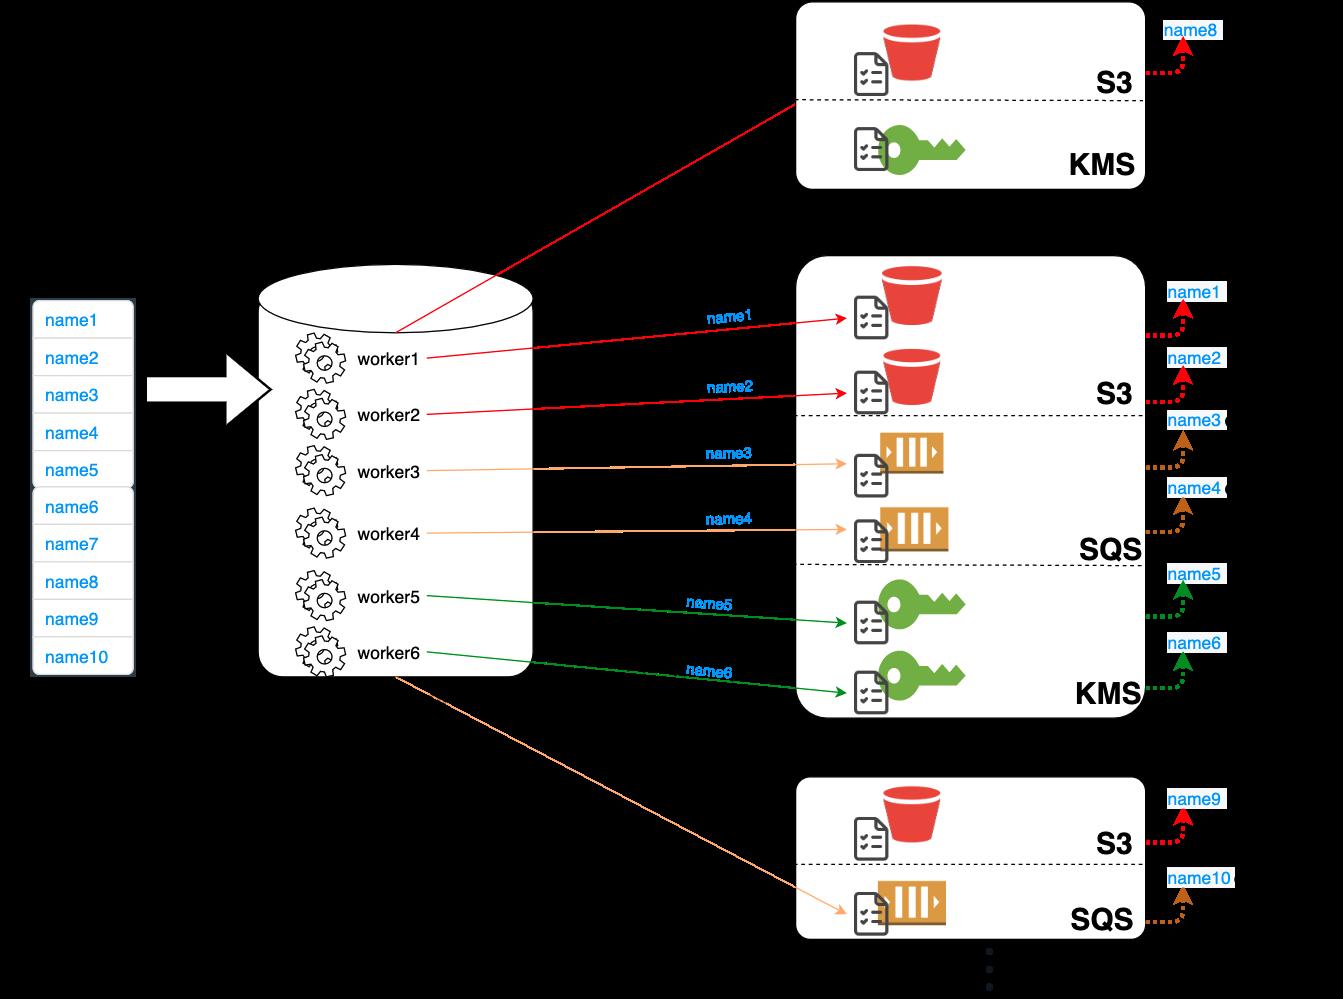 IAMFinderのアーキテクチャでは、マルチスレッドで複数のリソースに並行してアクセスし、ラウンドロビン方式でアカウントとサービスを切り替えます。